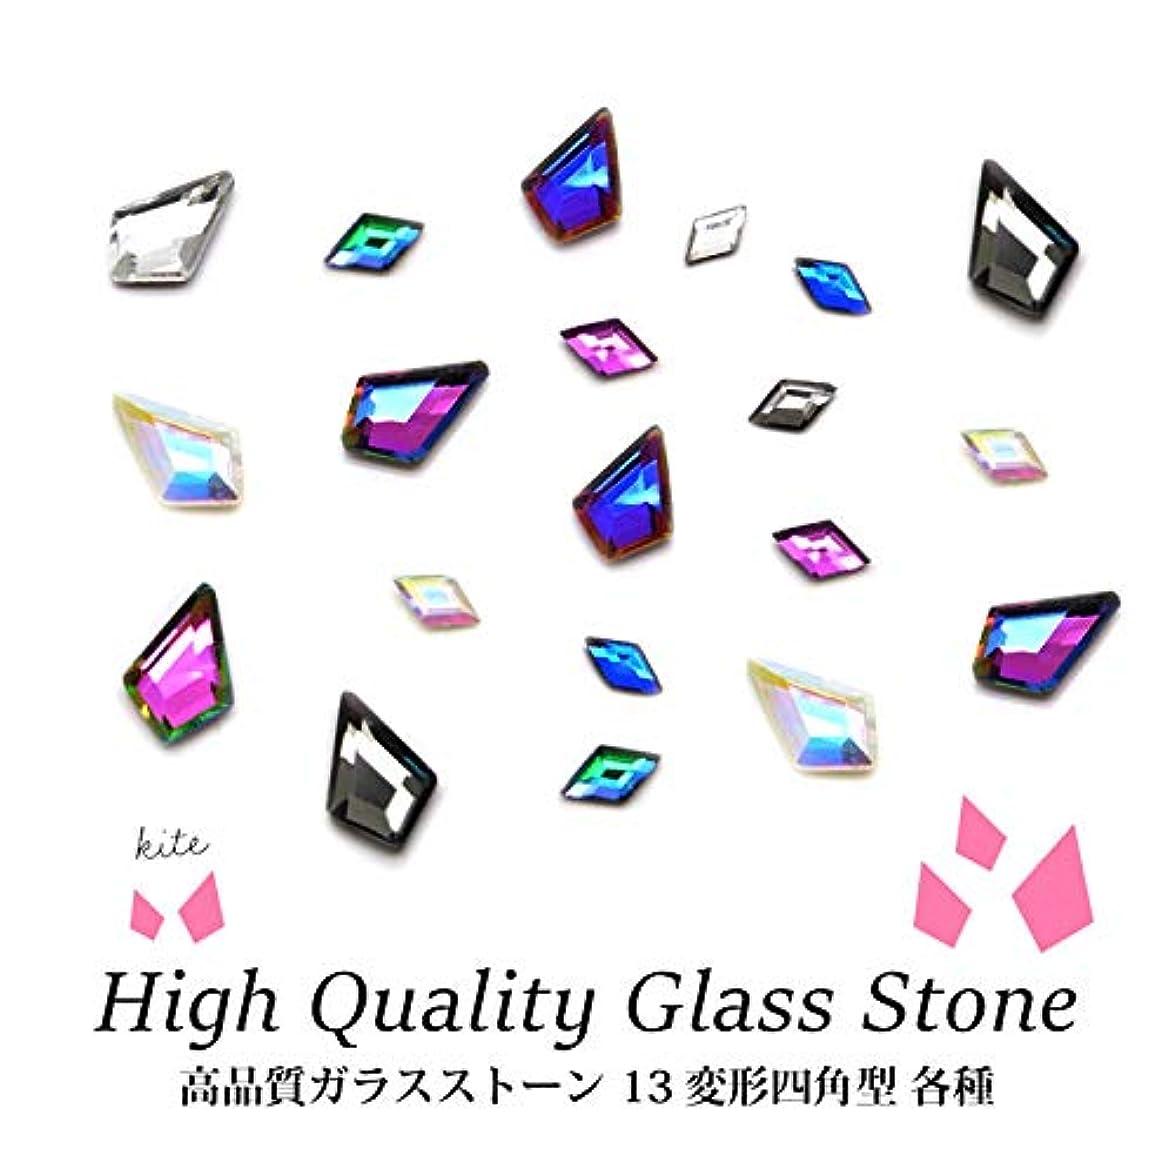 哀雨最初は高品質ガラスストーン 13 変形四角型 各種 5個入り (4.ローズシャイン)